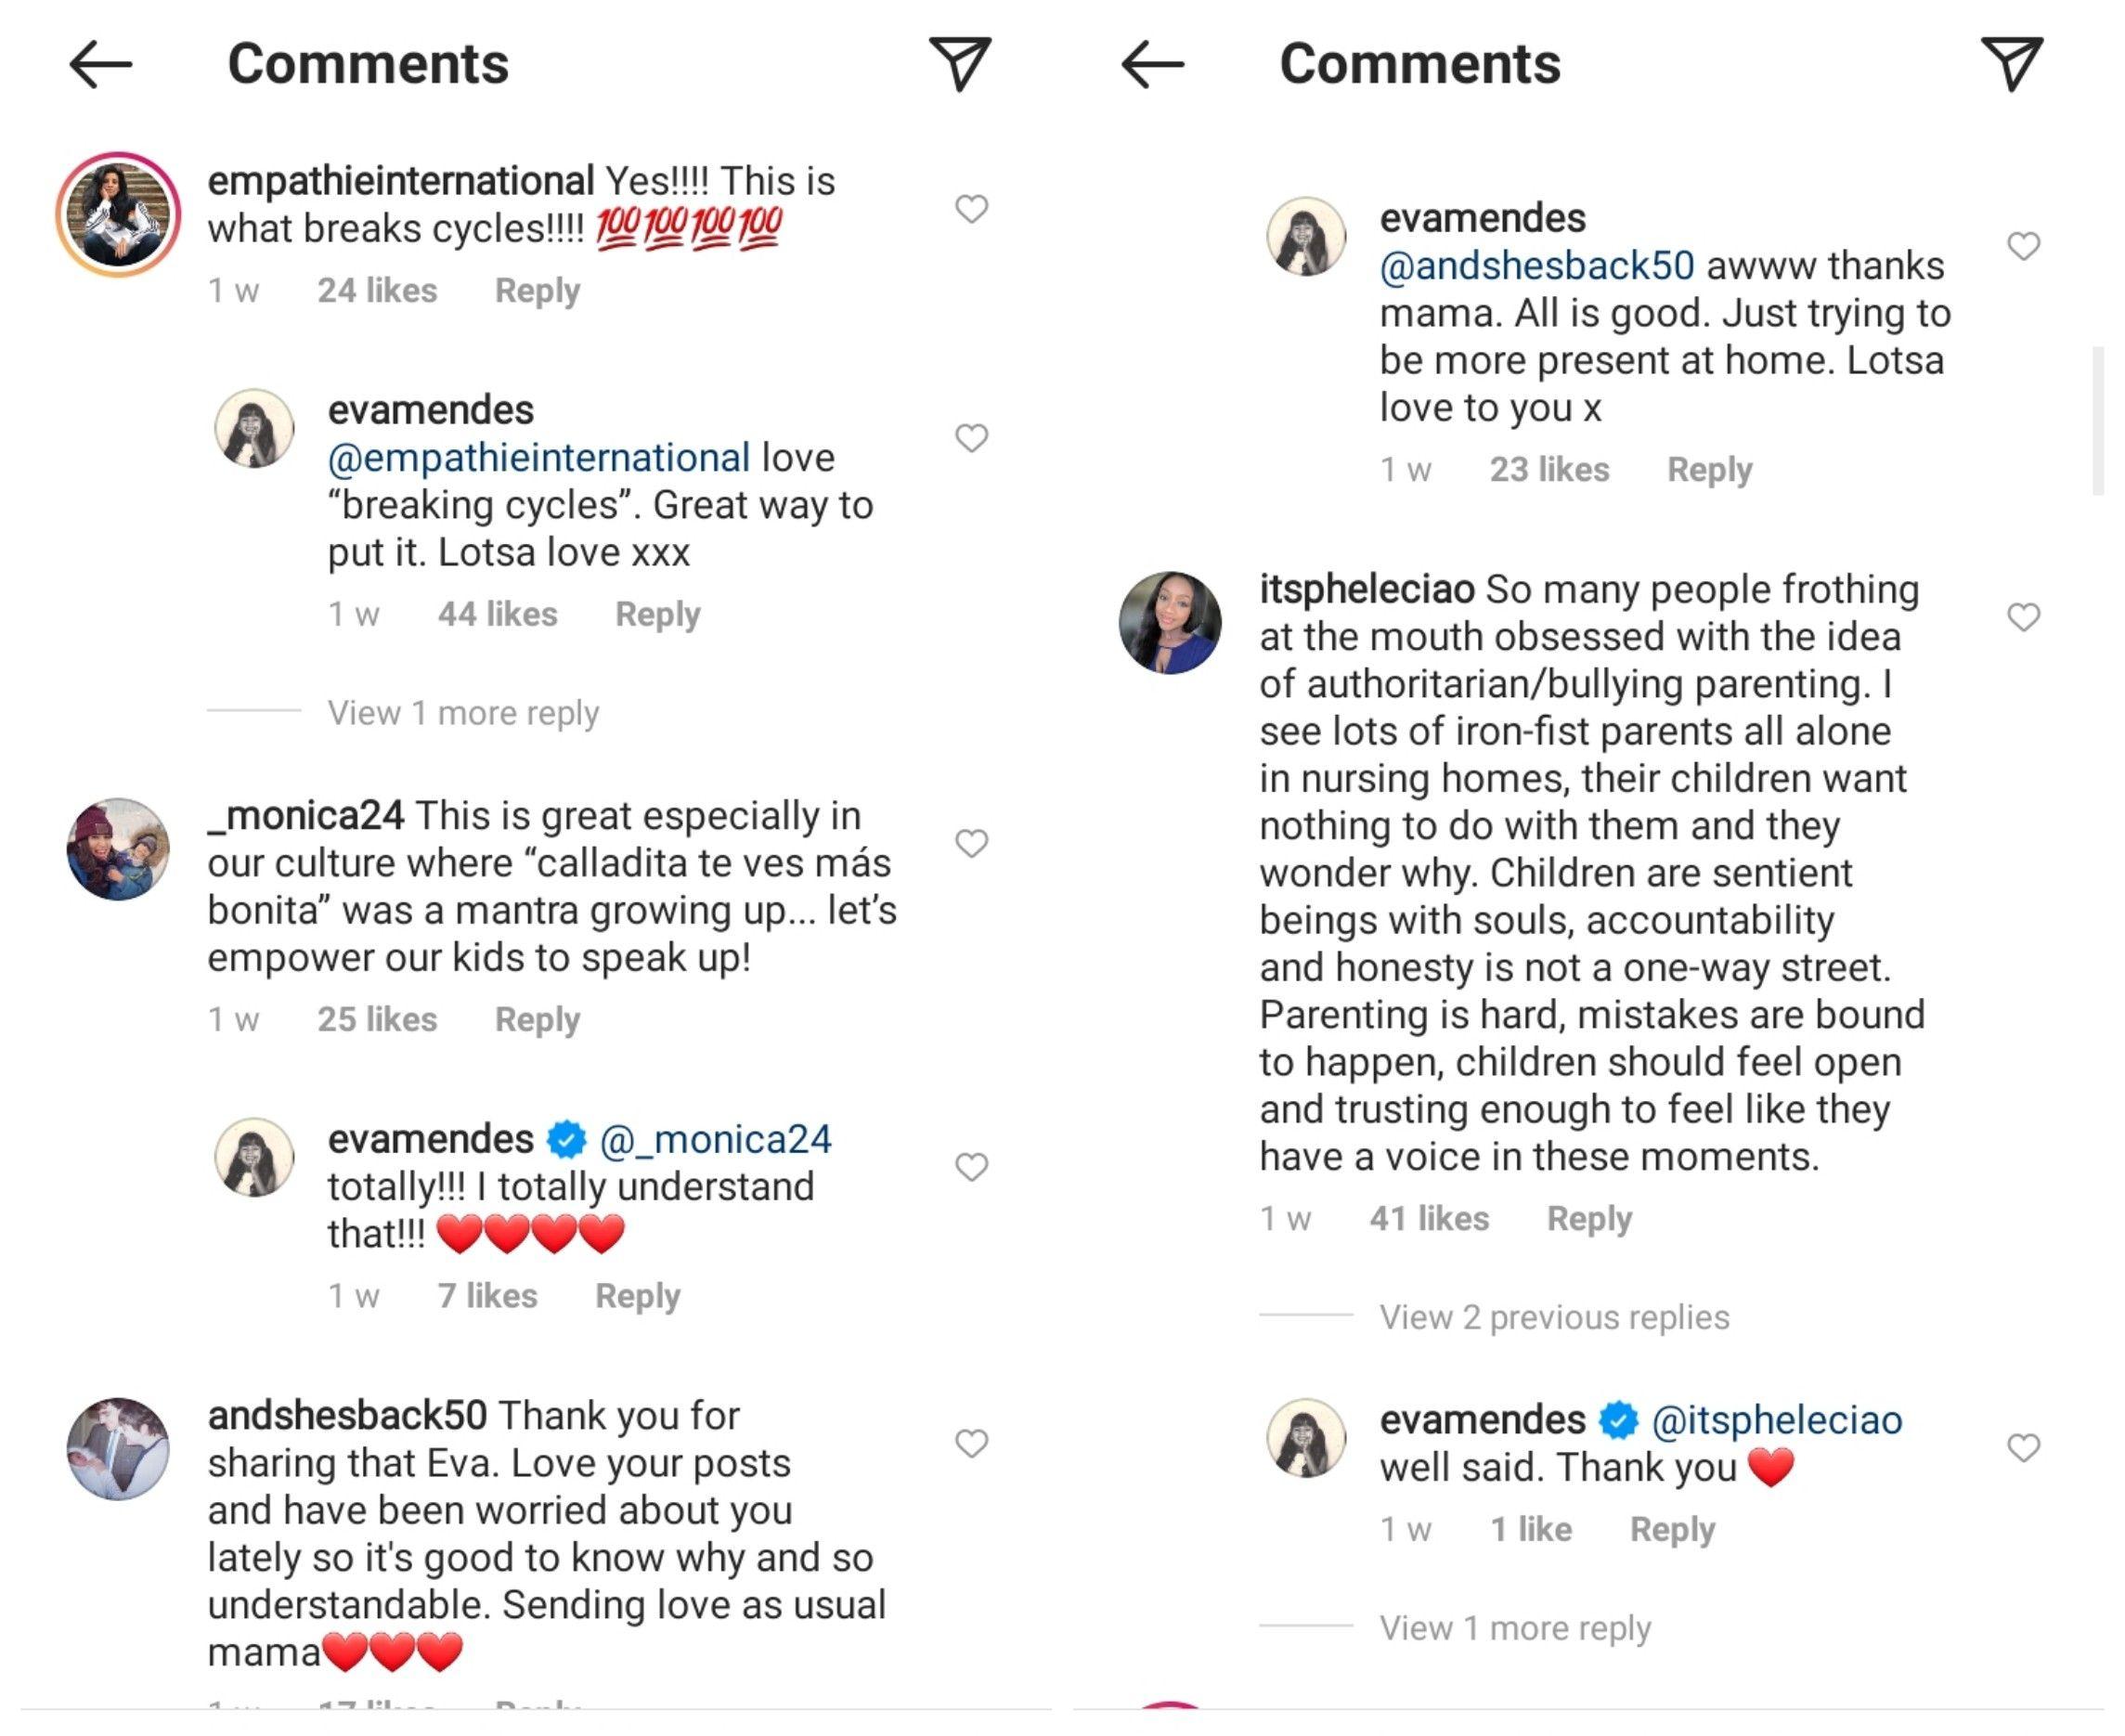 Eva Mendes comments